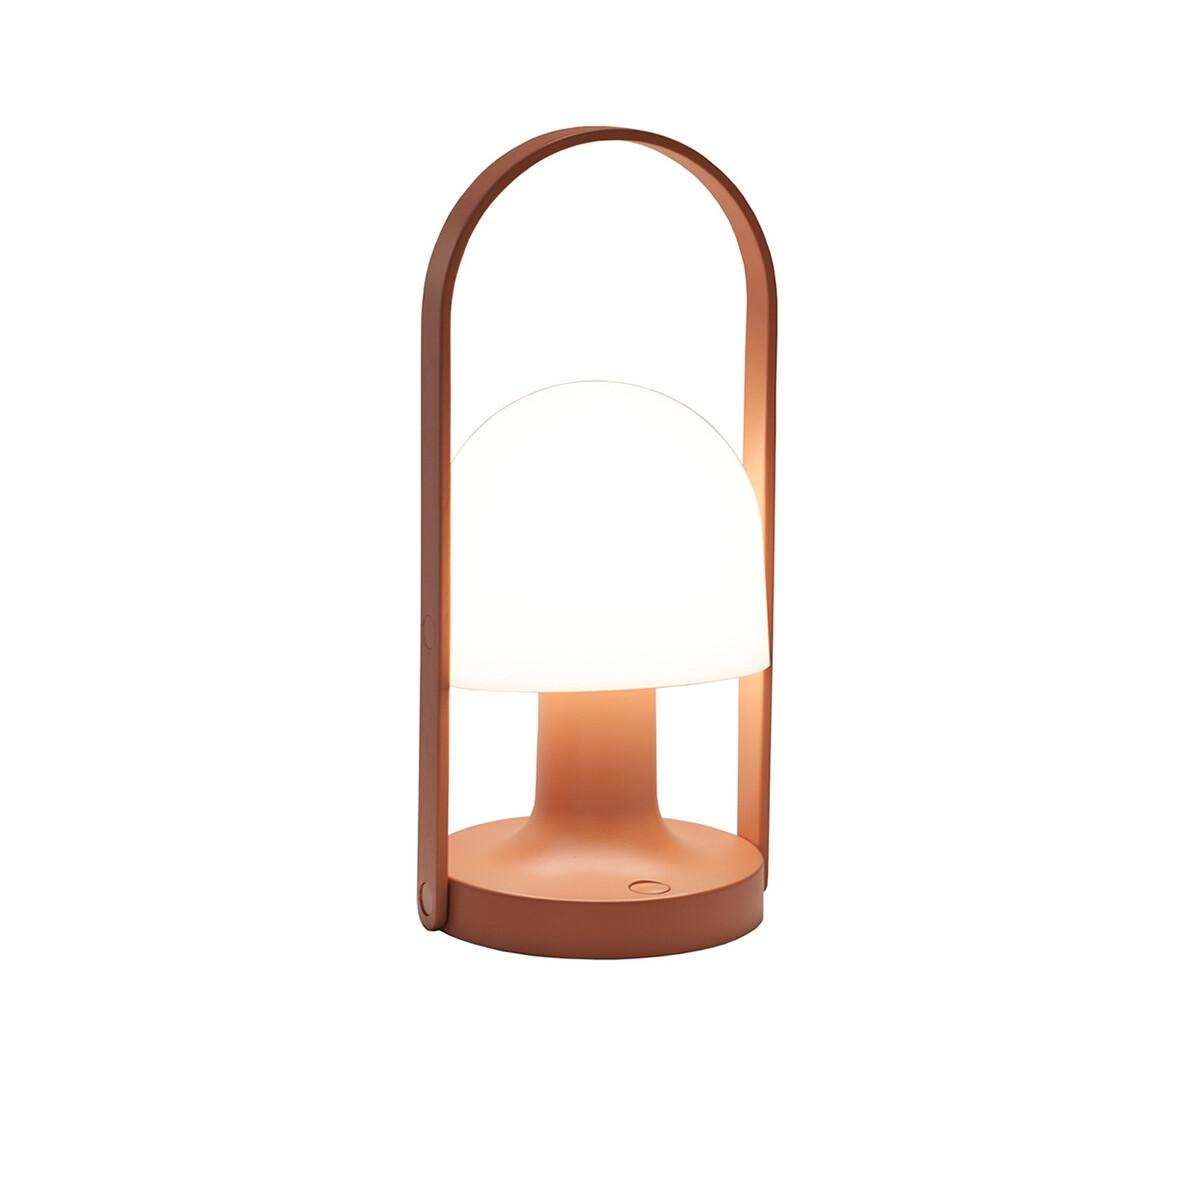 FollowMe Bordlampe Terracotta - Marset thumbnail